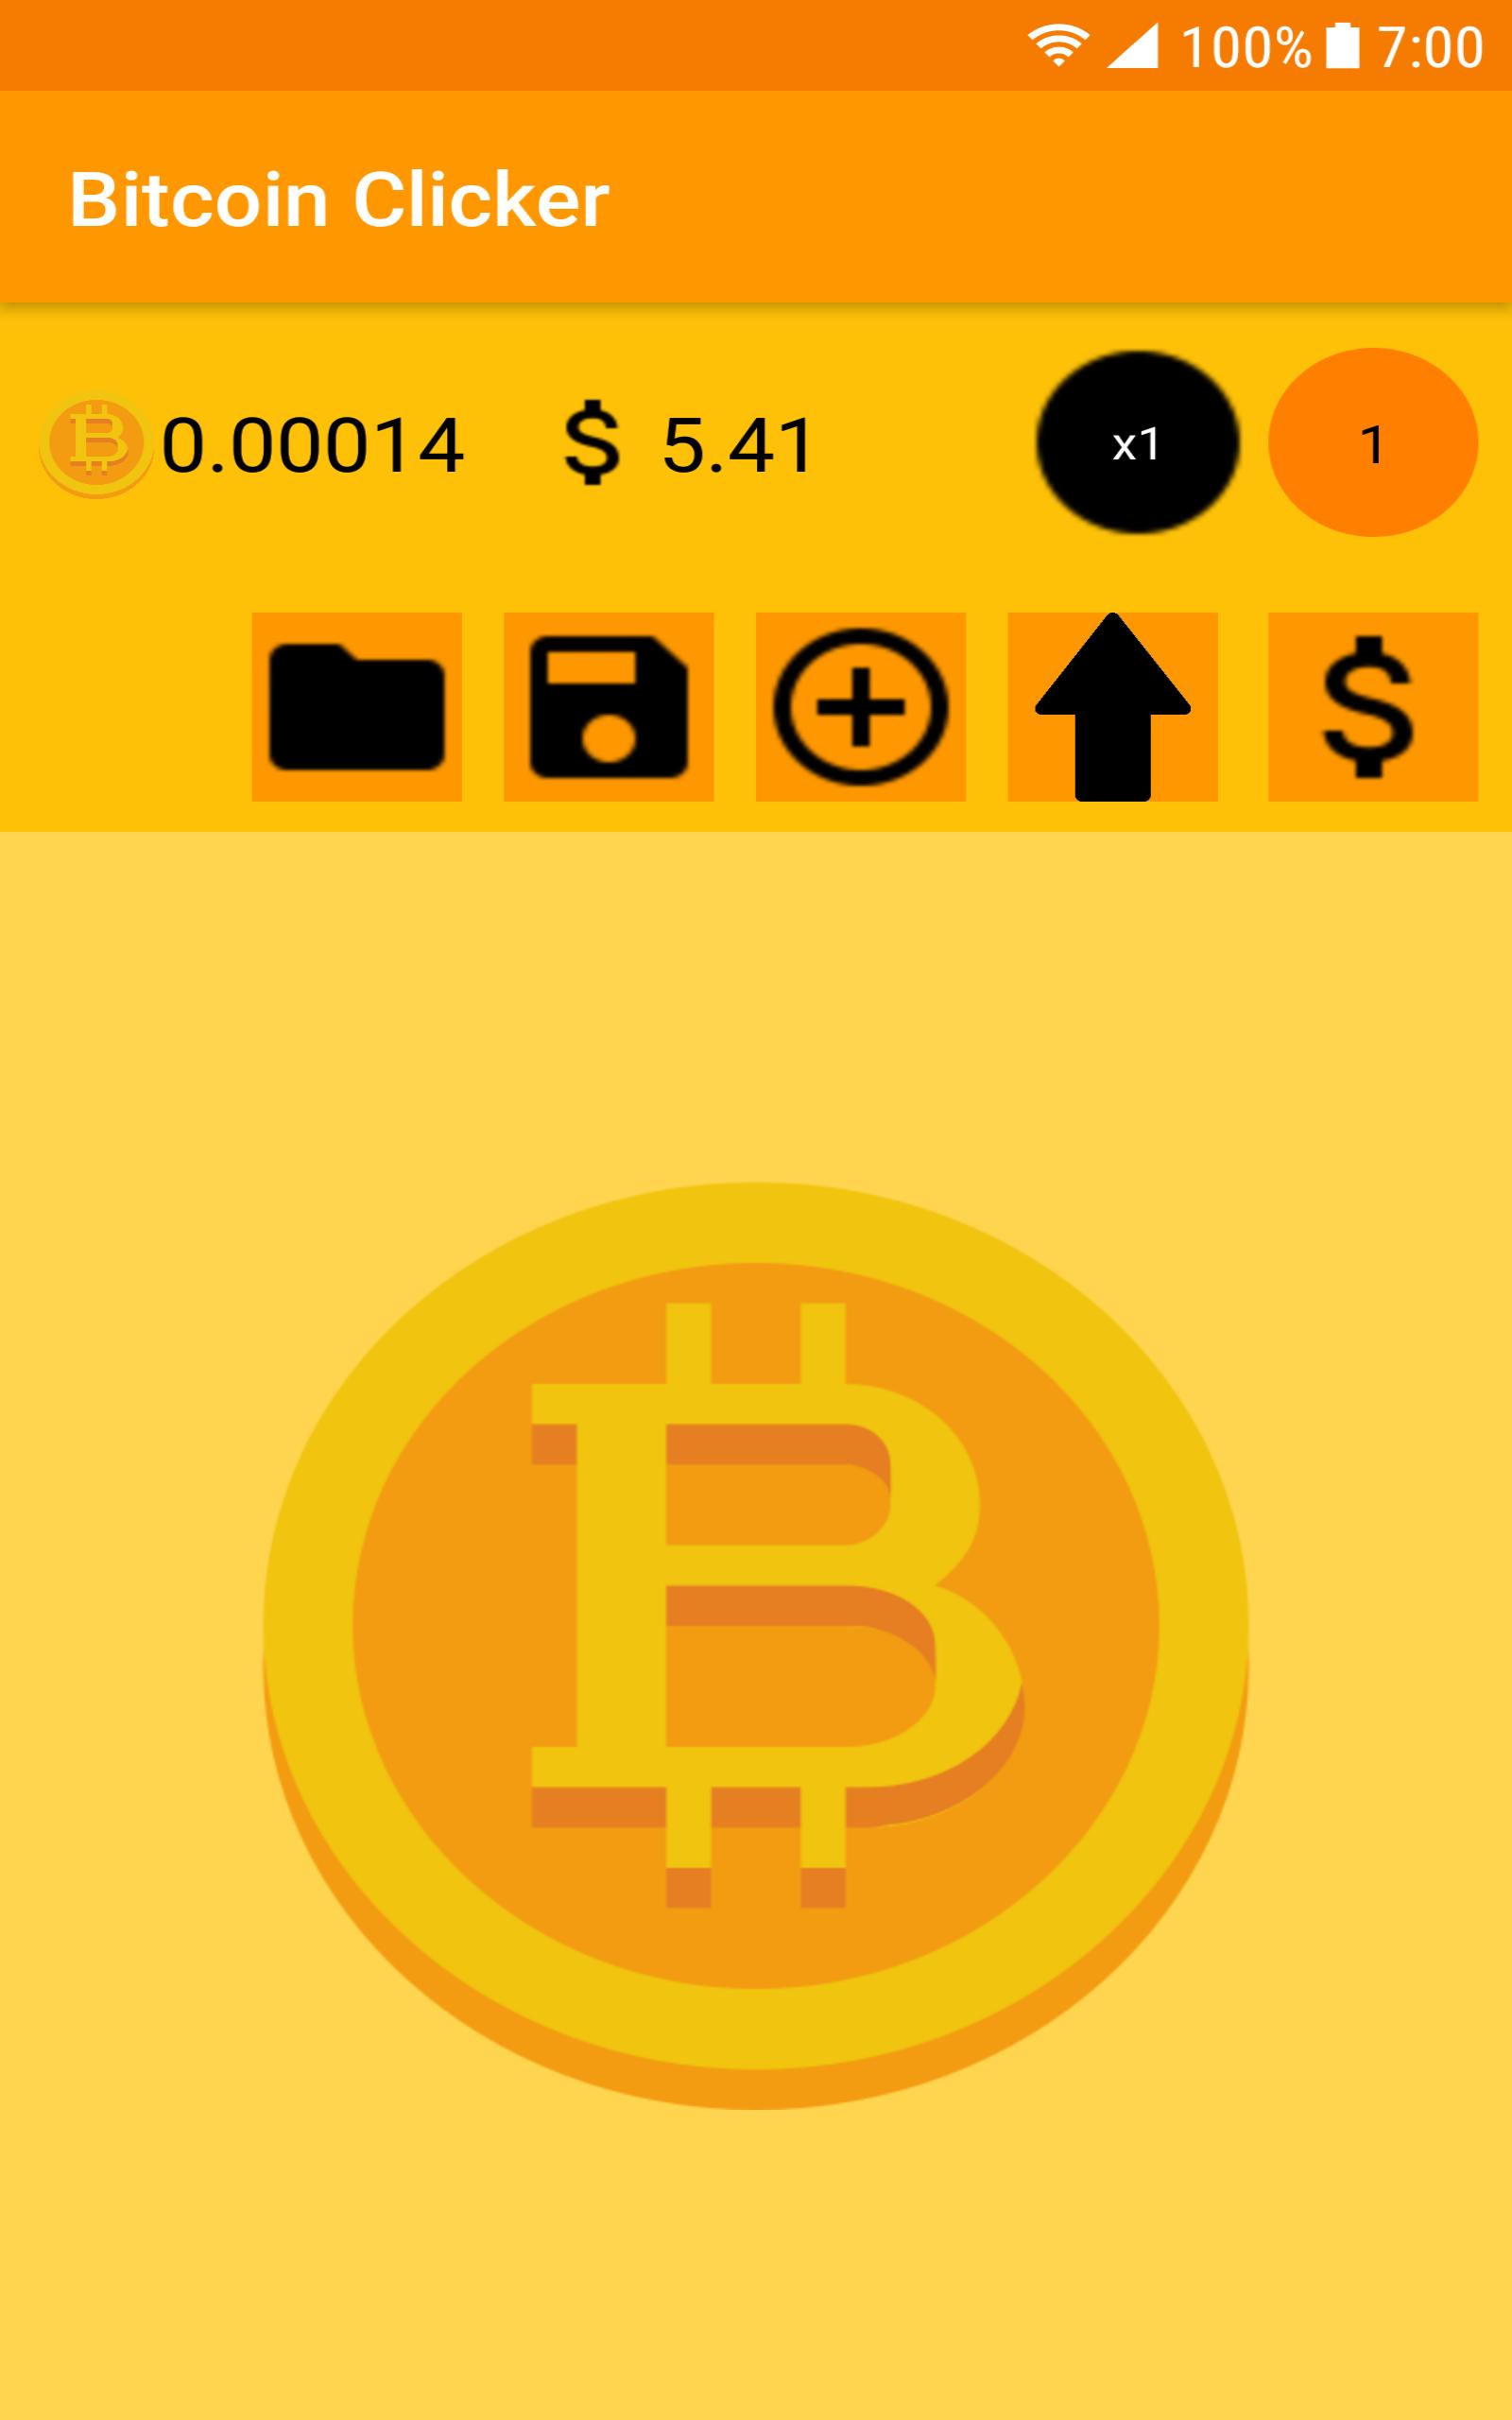 Automatinis Bitcoin Bot prekybos - Kaip padaryti super clicker bitcoin